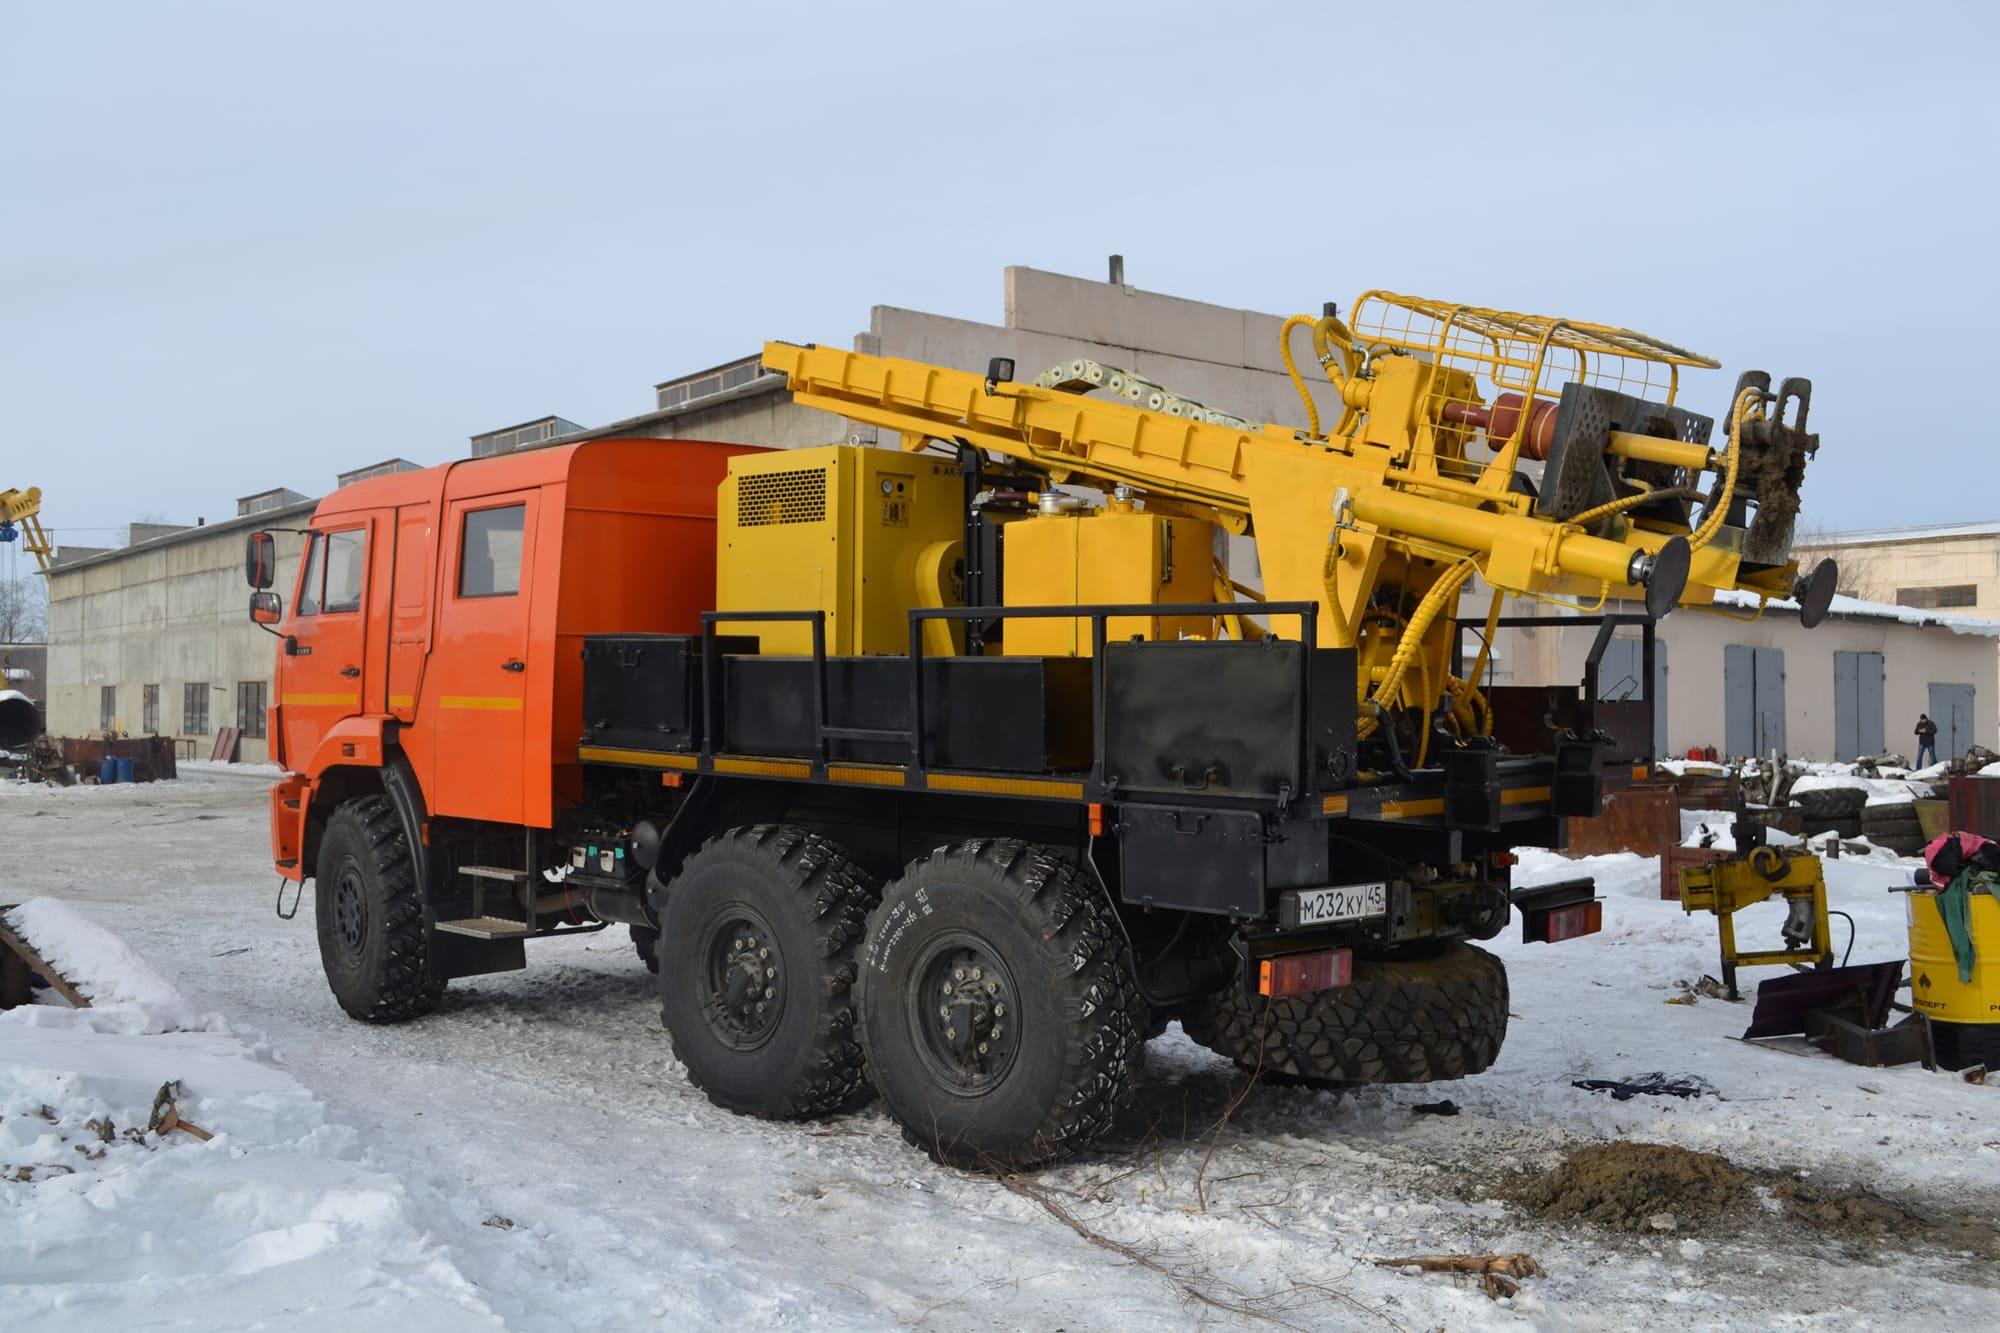 Установка буровая гидромеханизированная УБГМ-1А на базе КамАЗ-5350